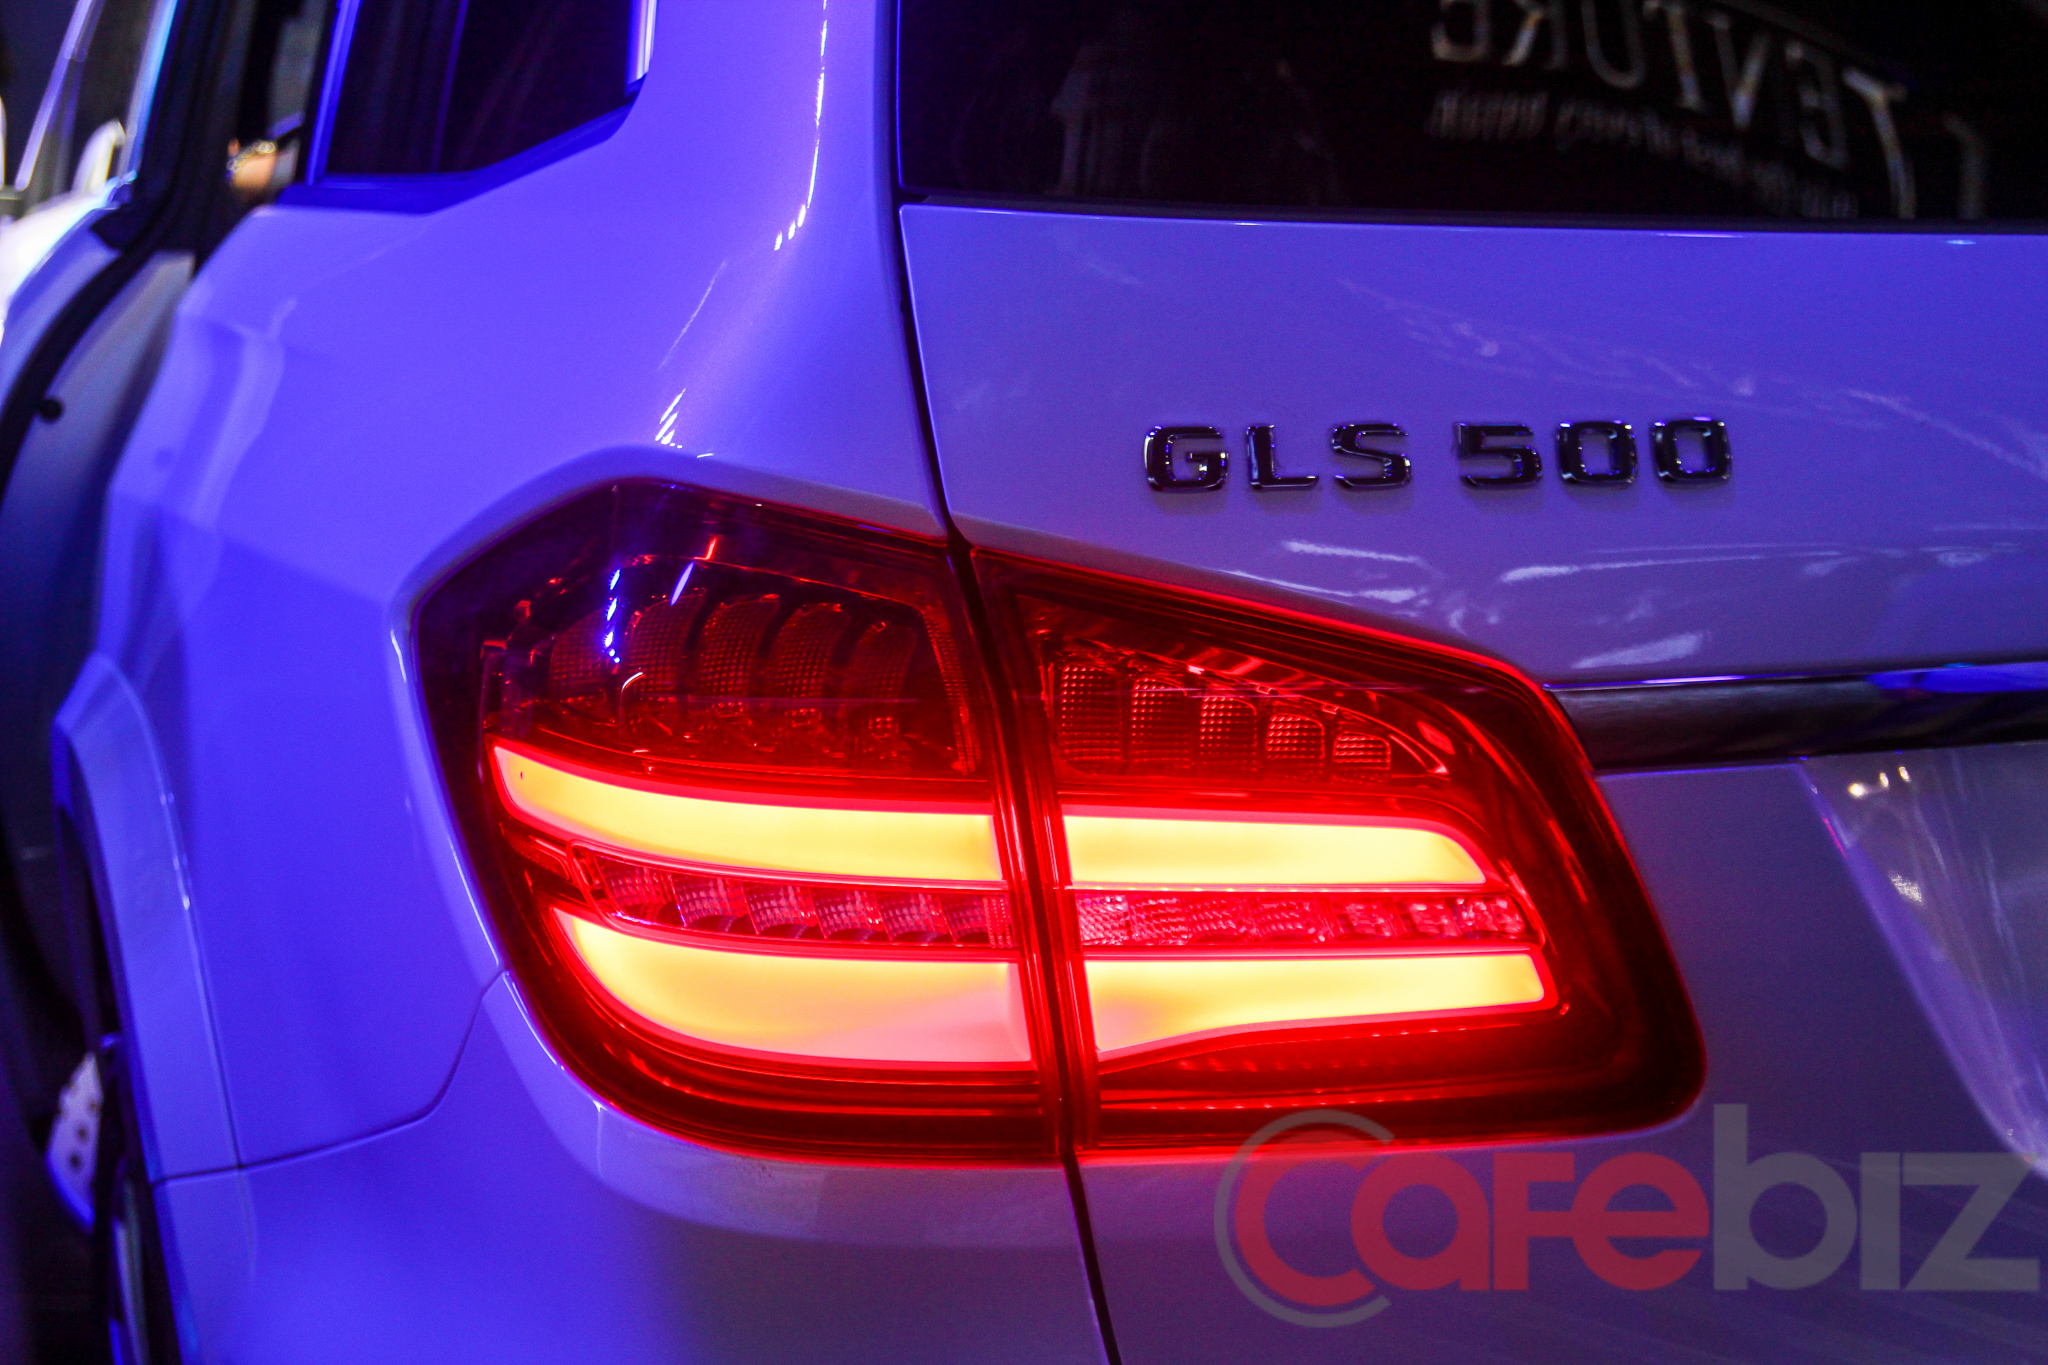 Kiểu đèn hậu LED cũng khá đặc trưng của Mercedes-Benz thời gian gần đây.